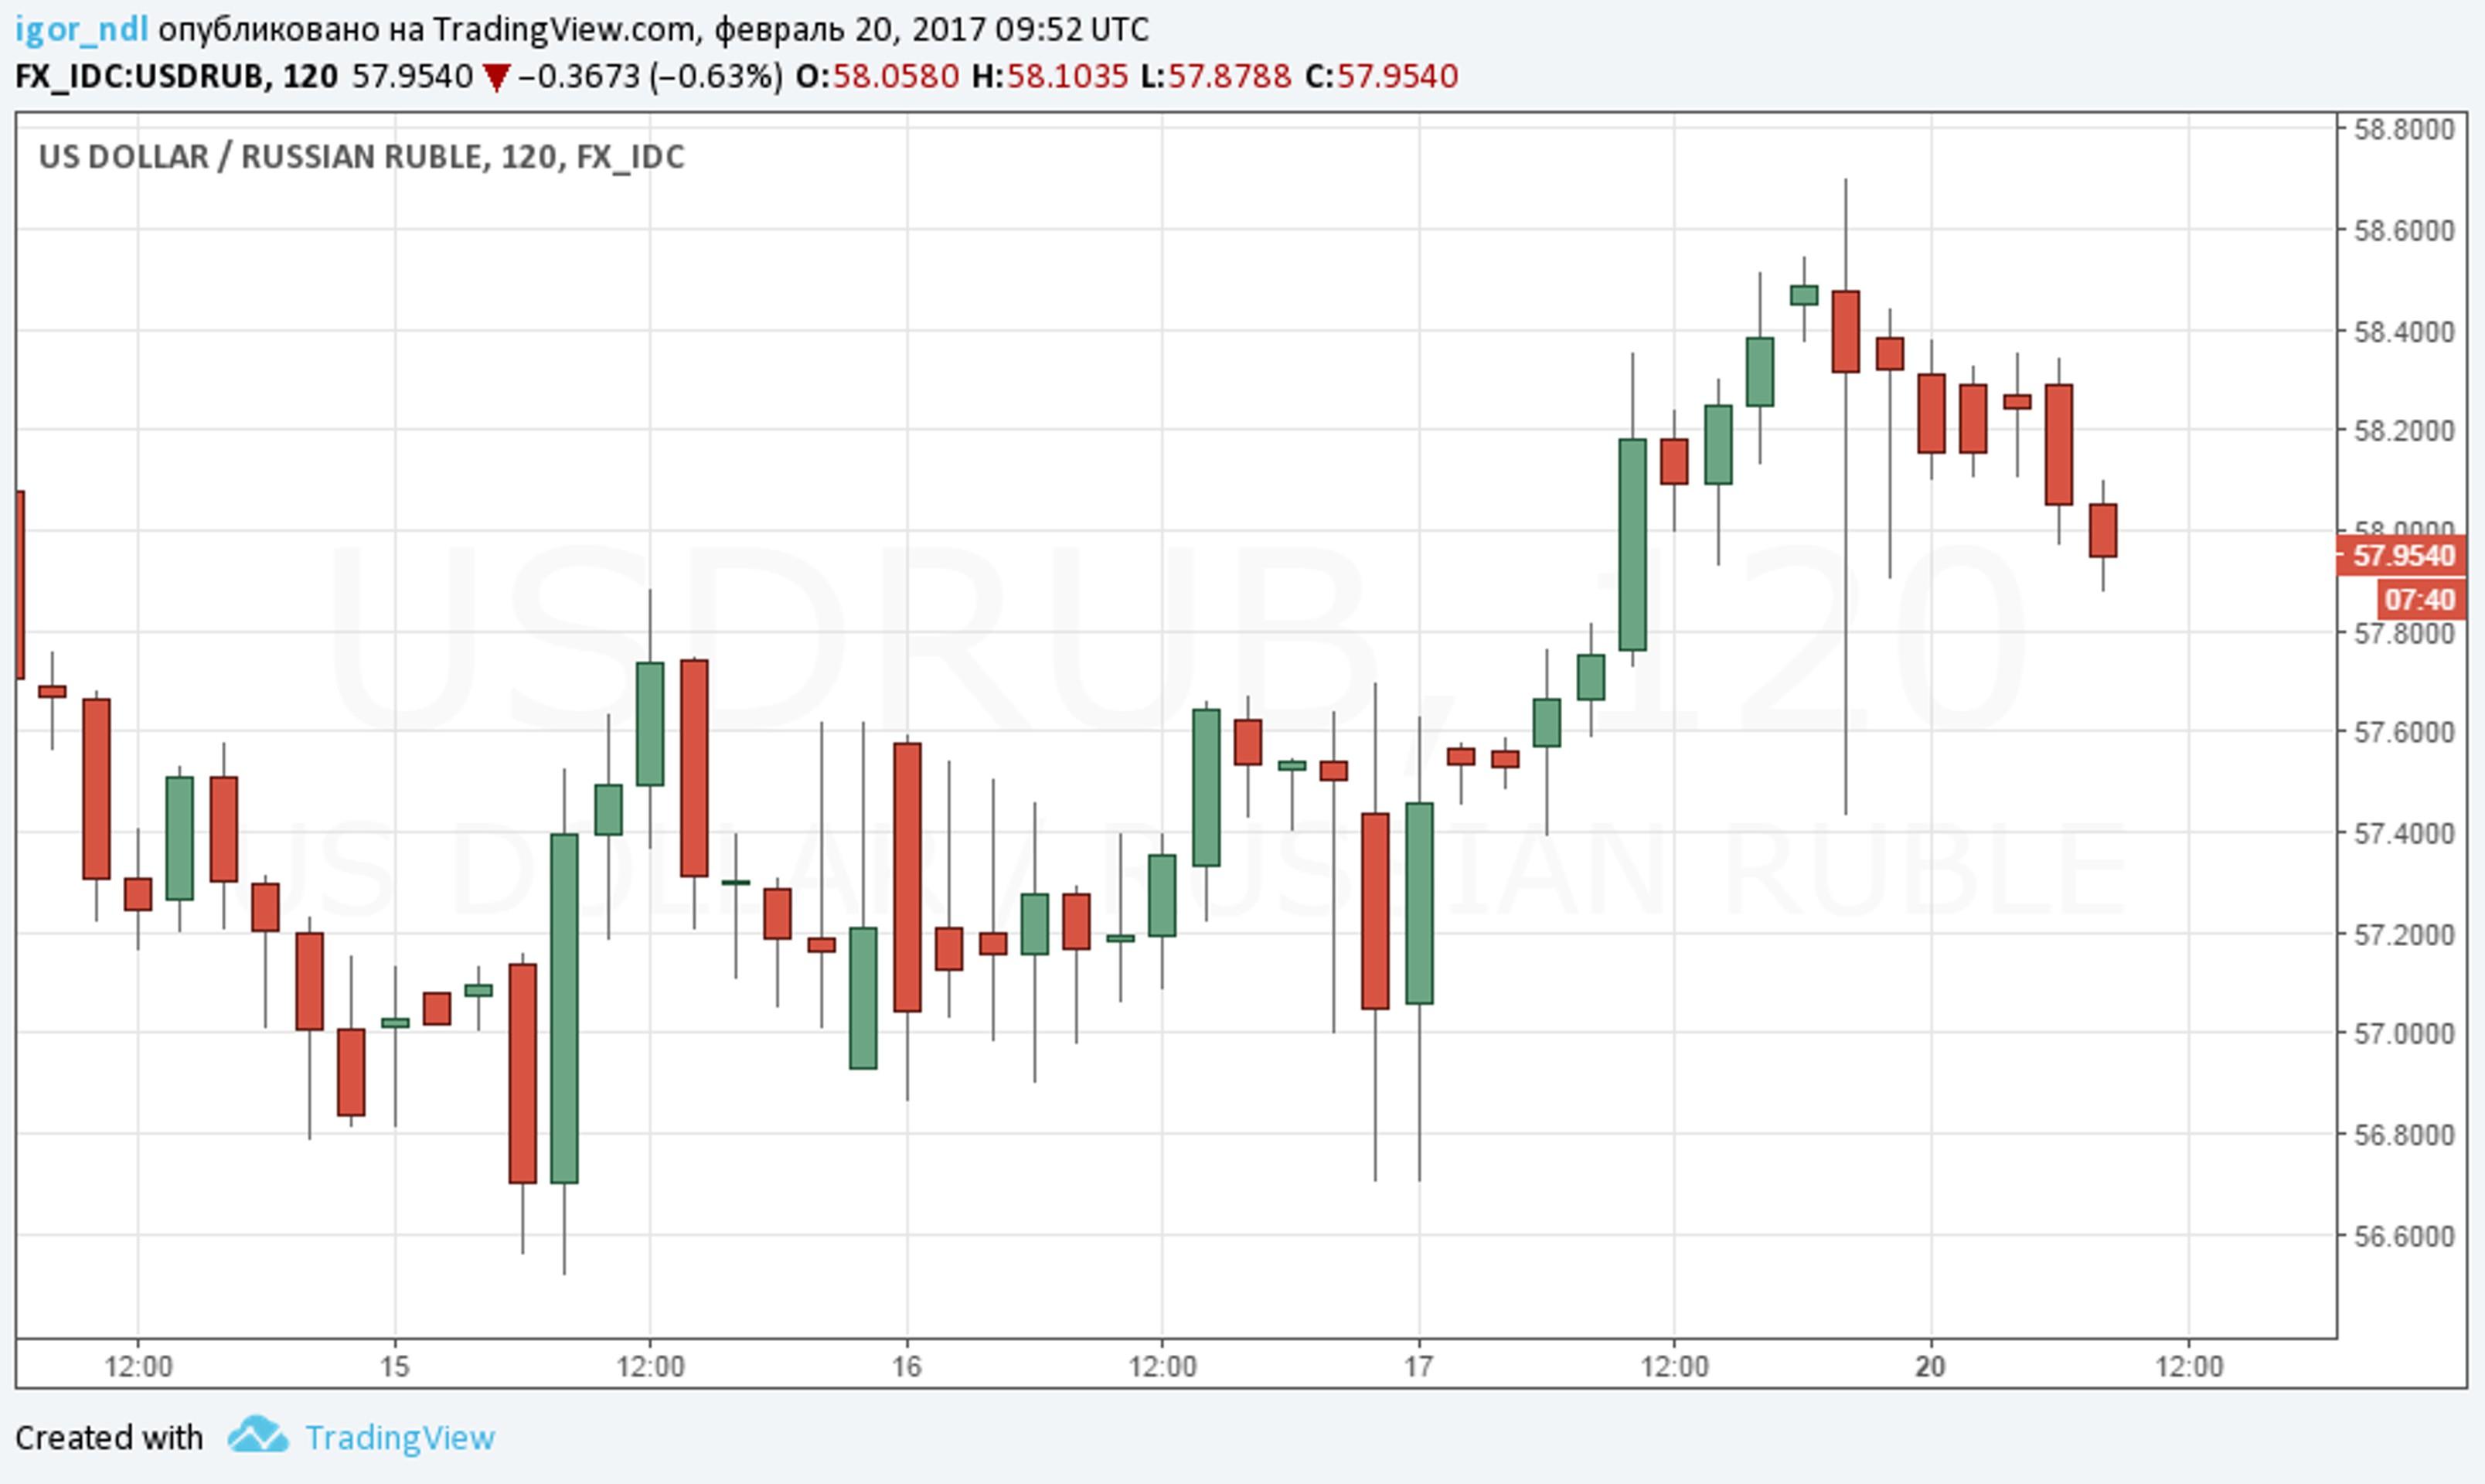 Бегство из российских активов началось?